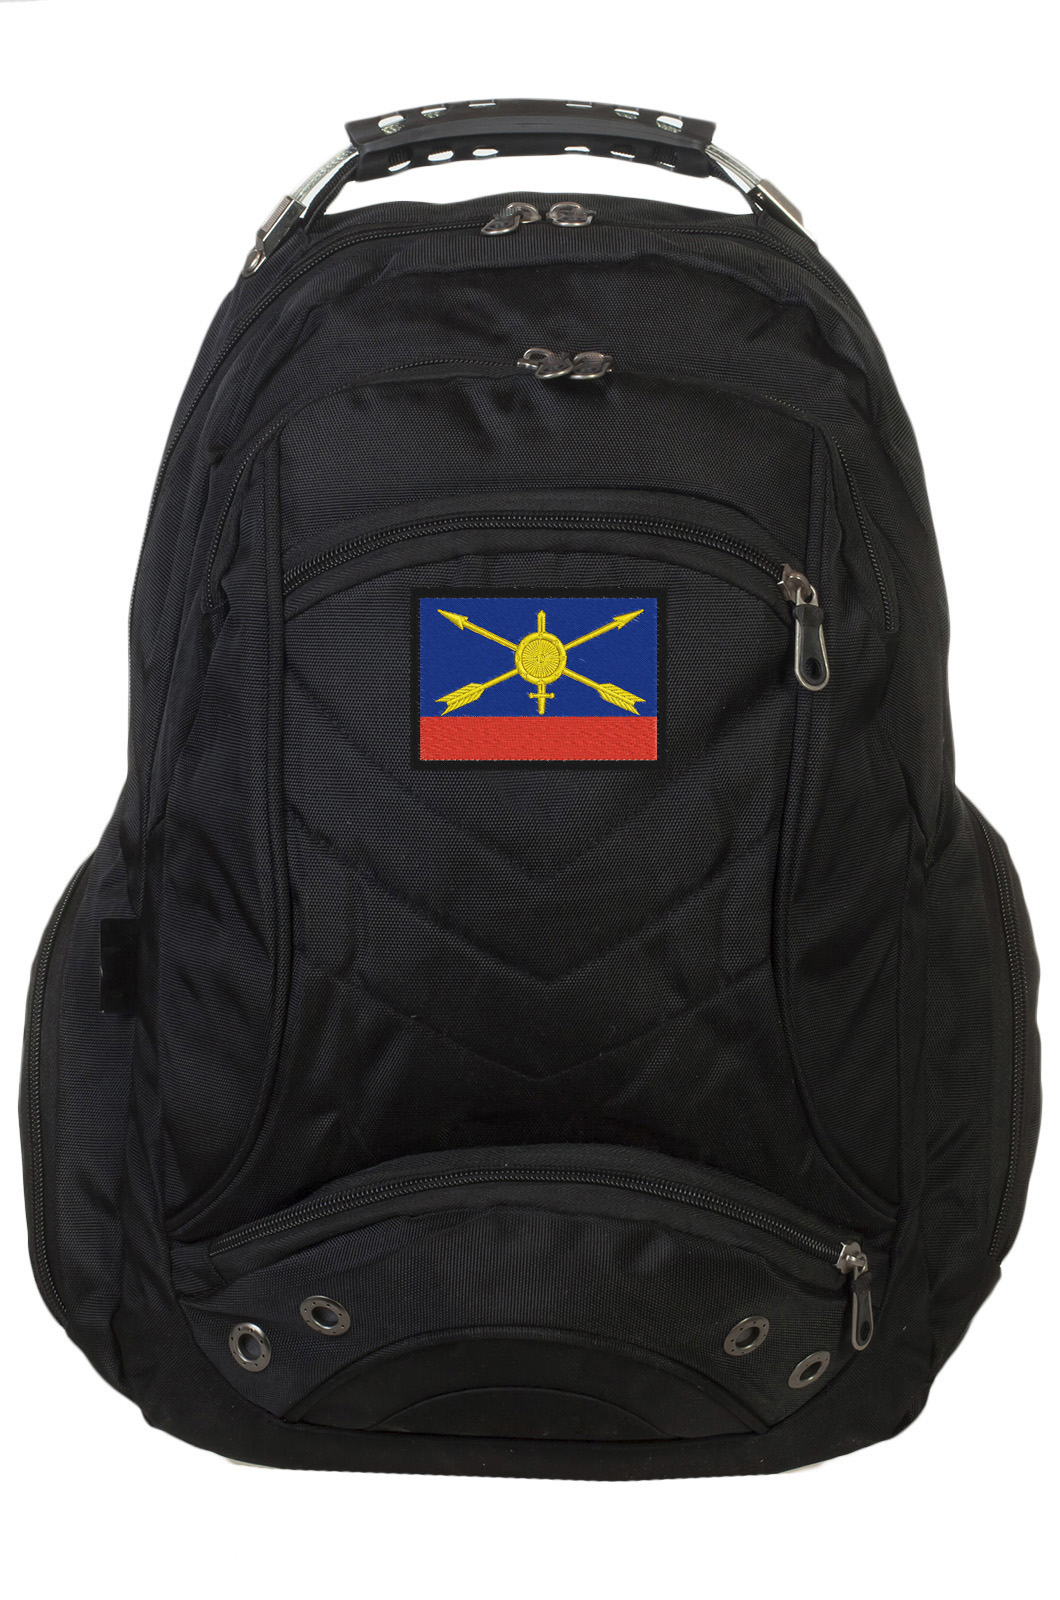 Оригинальный черный рюкзак с эмблемой РВСН